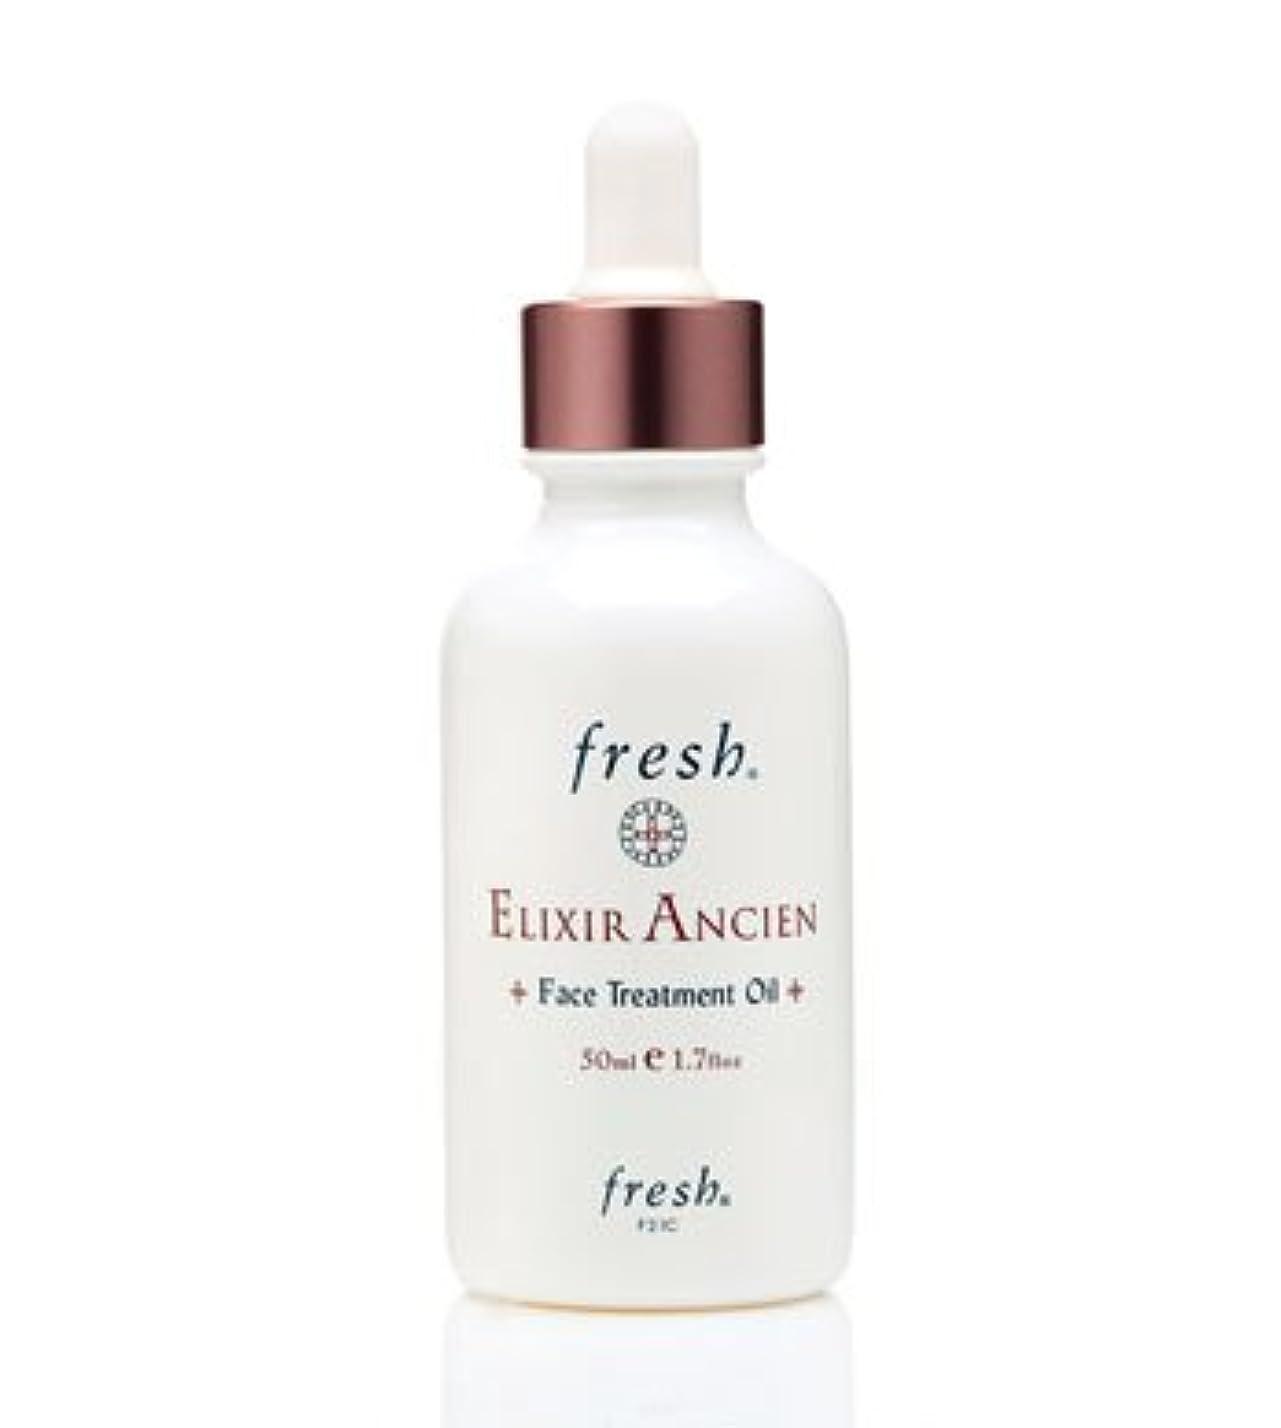 エンジンマウント韓国Fresh ELIXIR ANCIEN (フレッシュ エリキサーアンシエン) 1.7 oz (50ml) by Fresh for Women